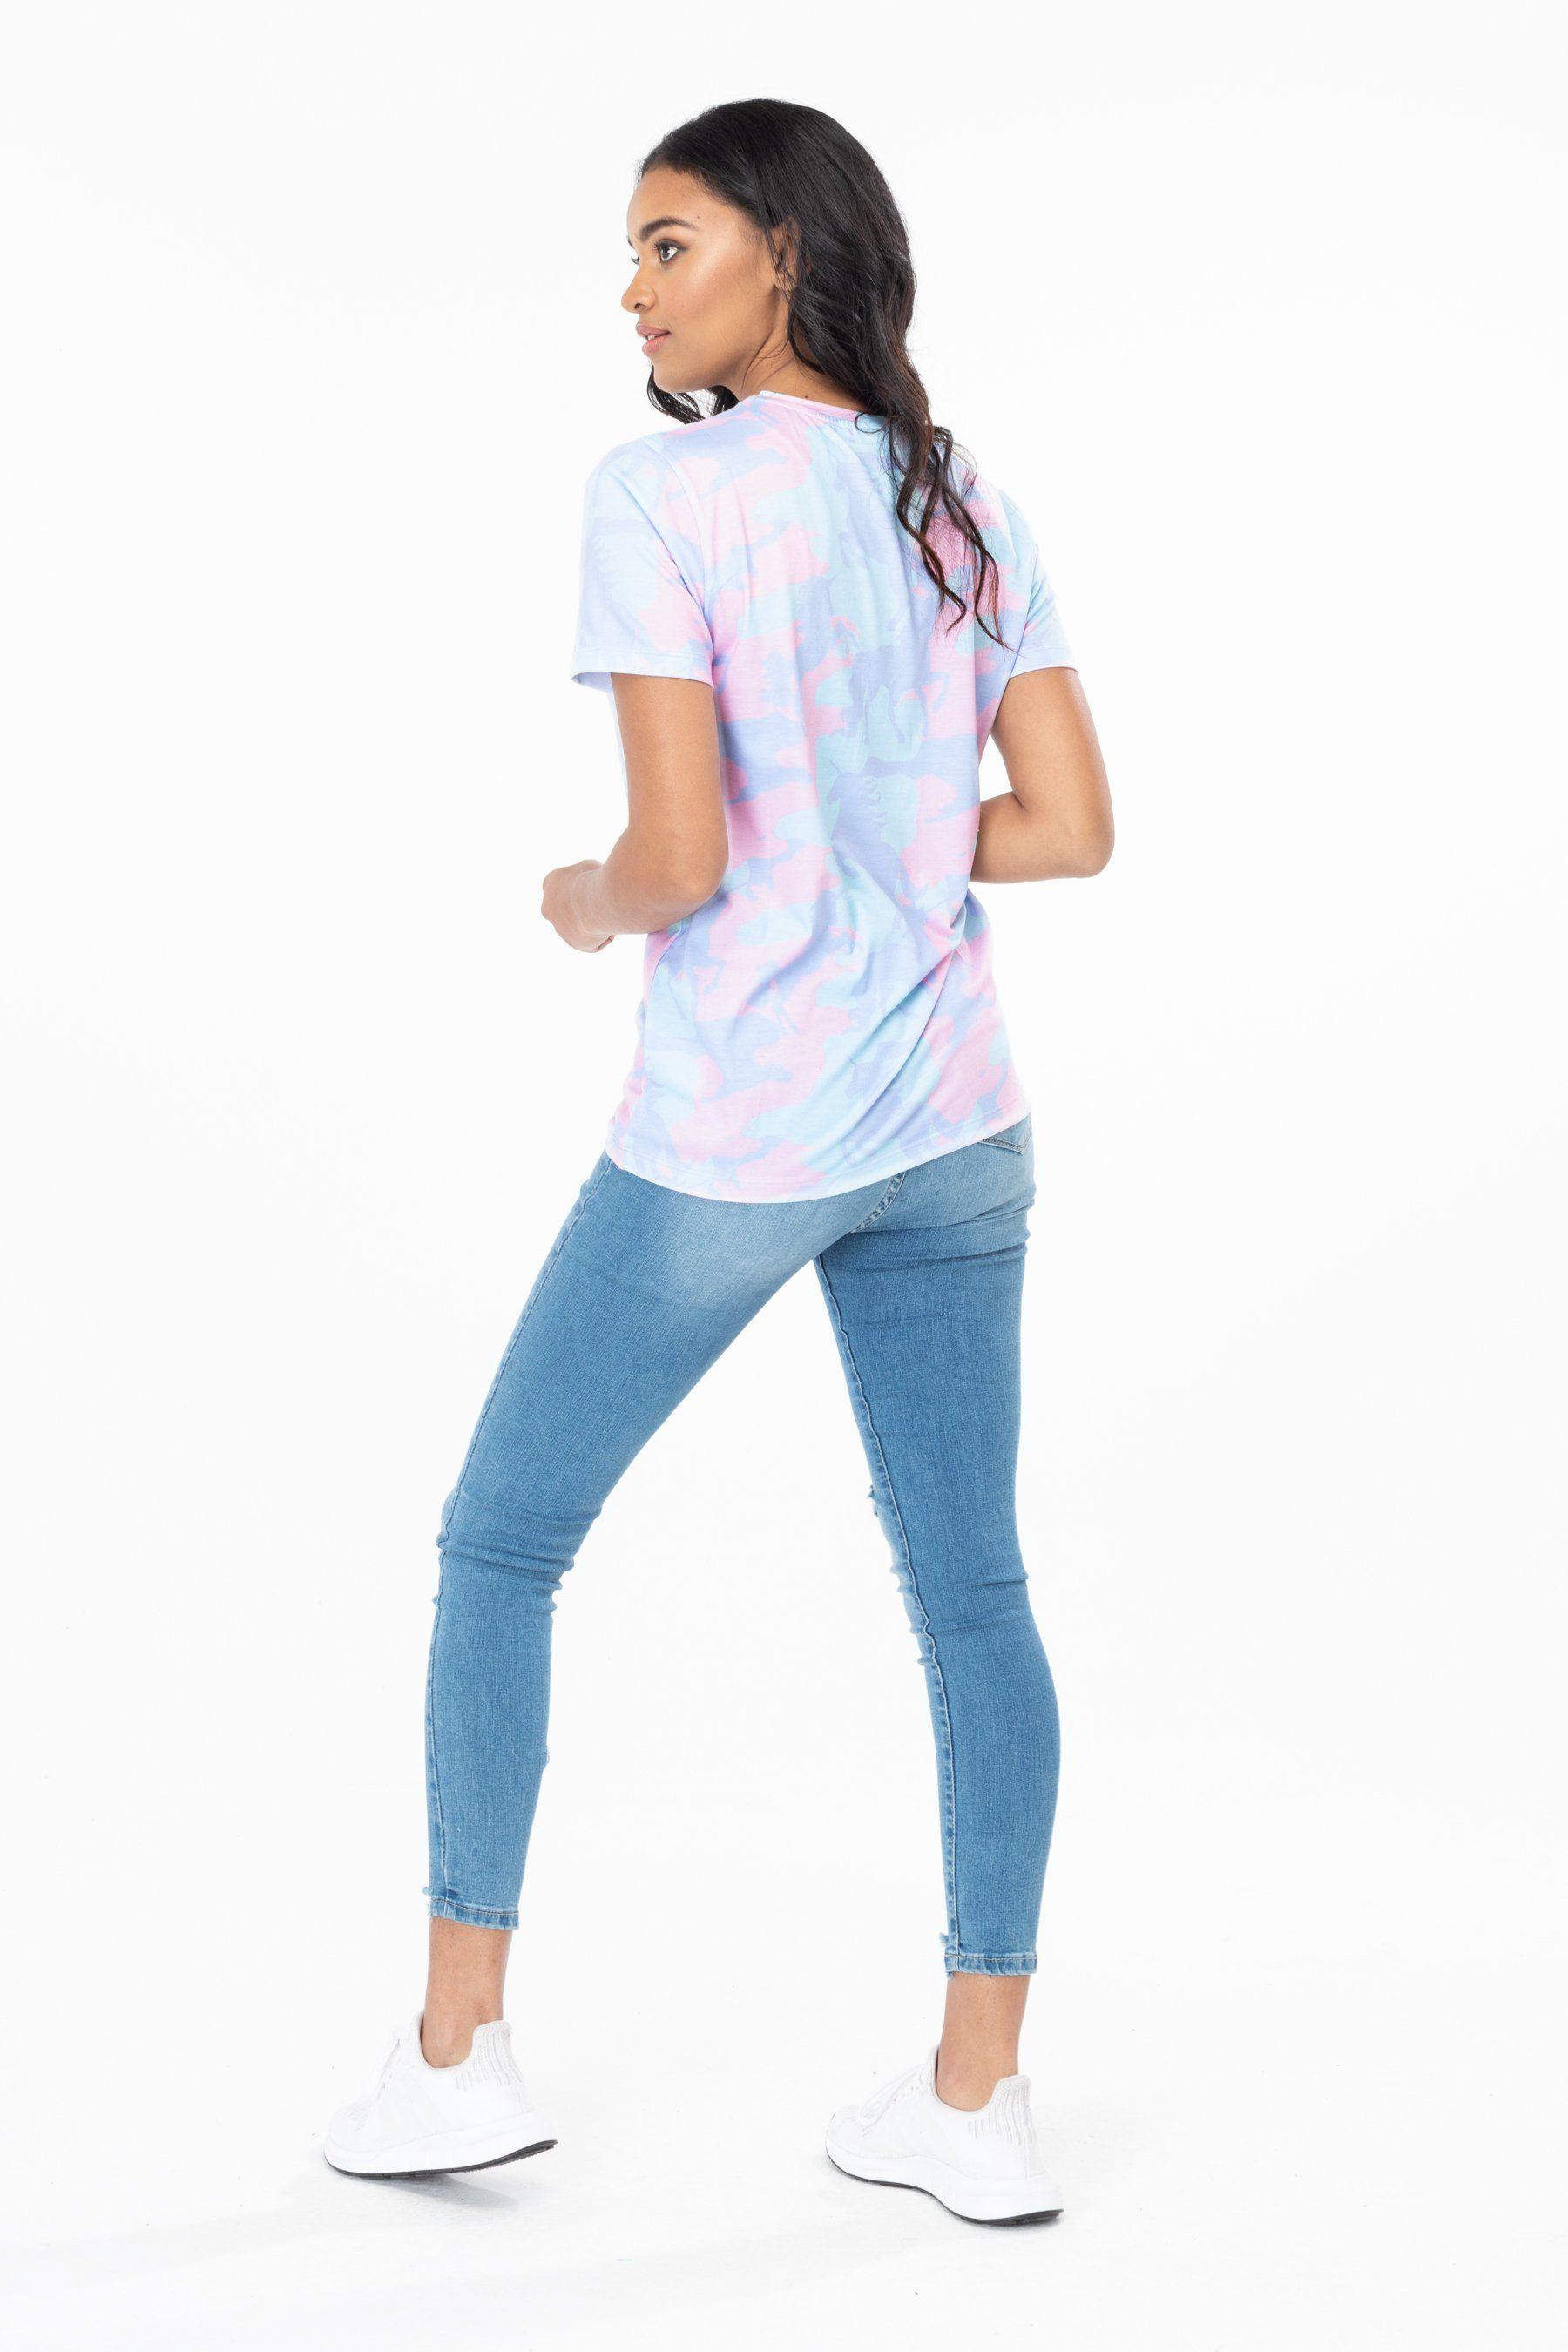 Hype Unicamo Womens T-Shirt 8